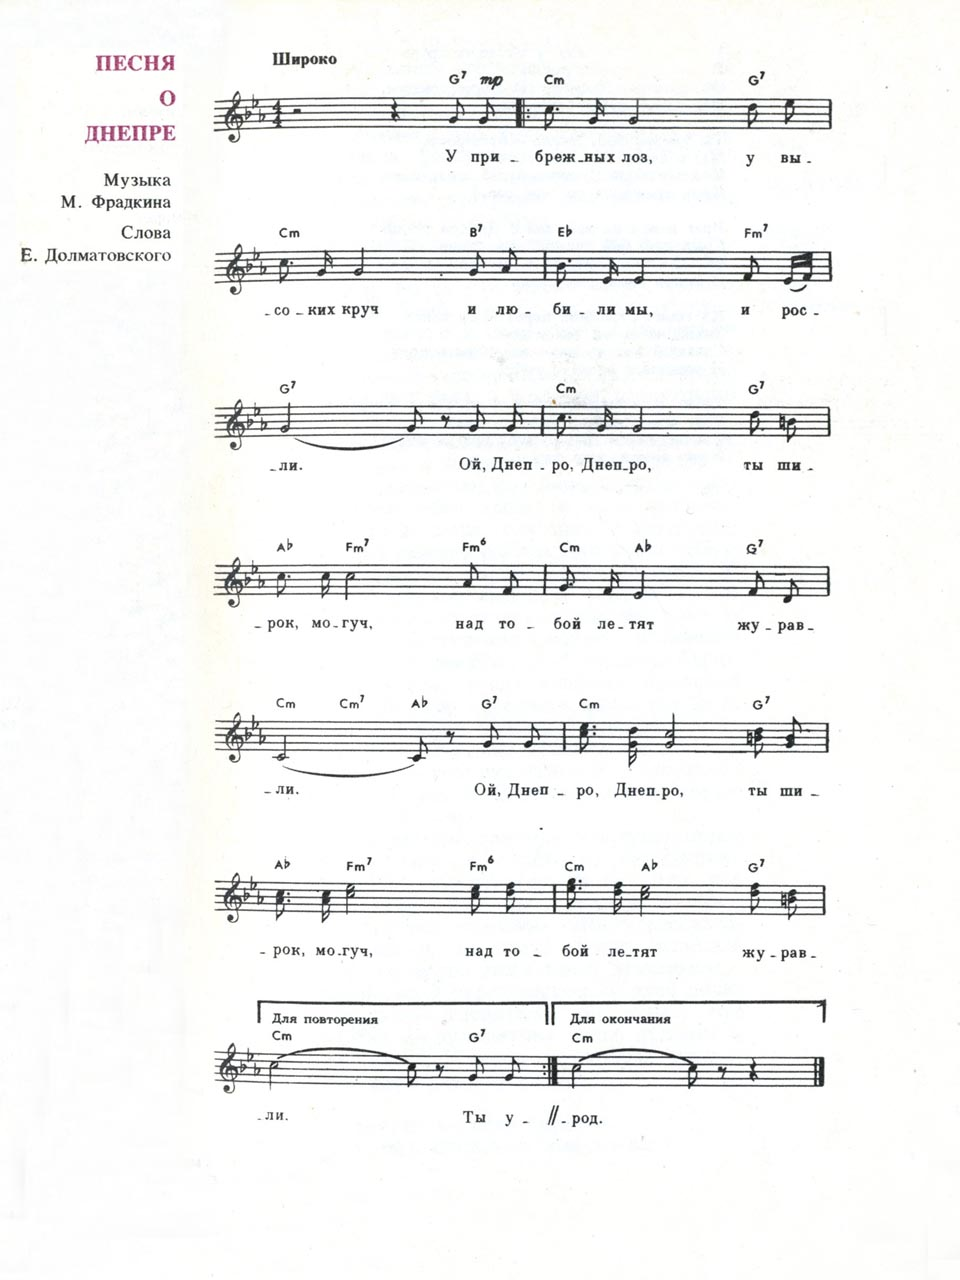 М. Фрадкин, Е. Долматовский. Песня о Днепре. Ноты для голоса и аккорды